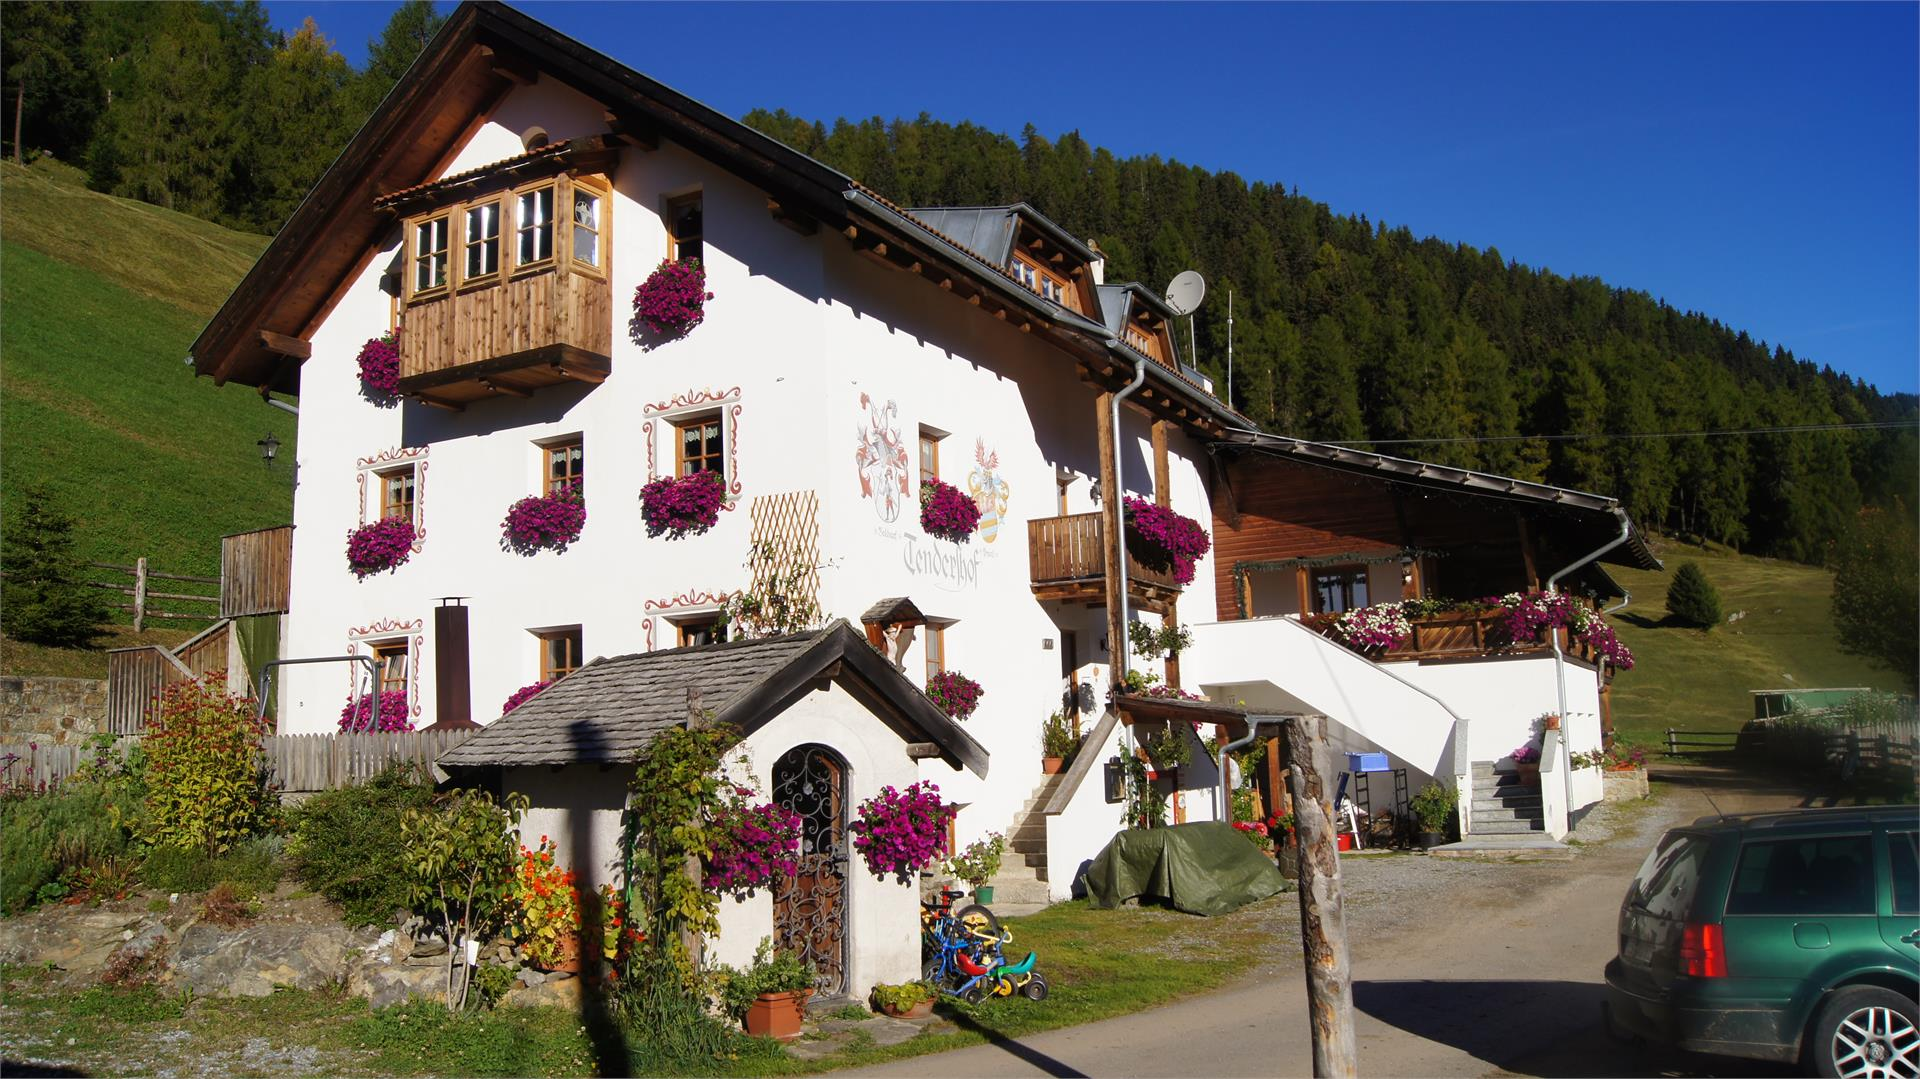 Tendershof in summer